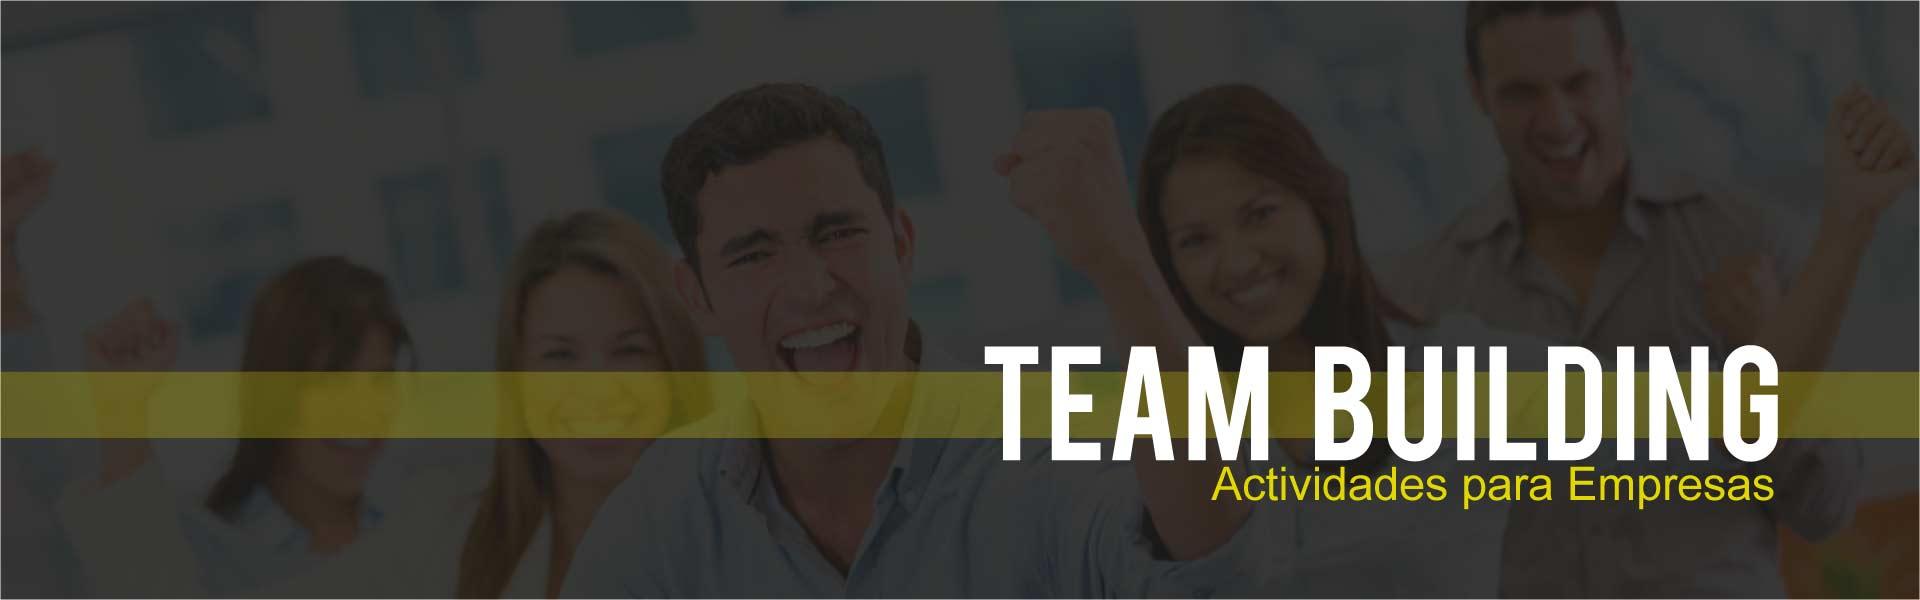 team building sevilla empresas